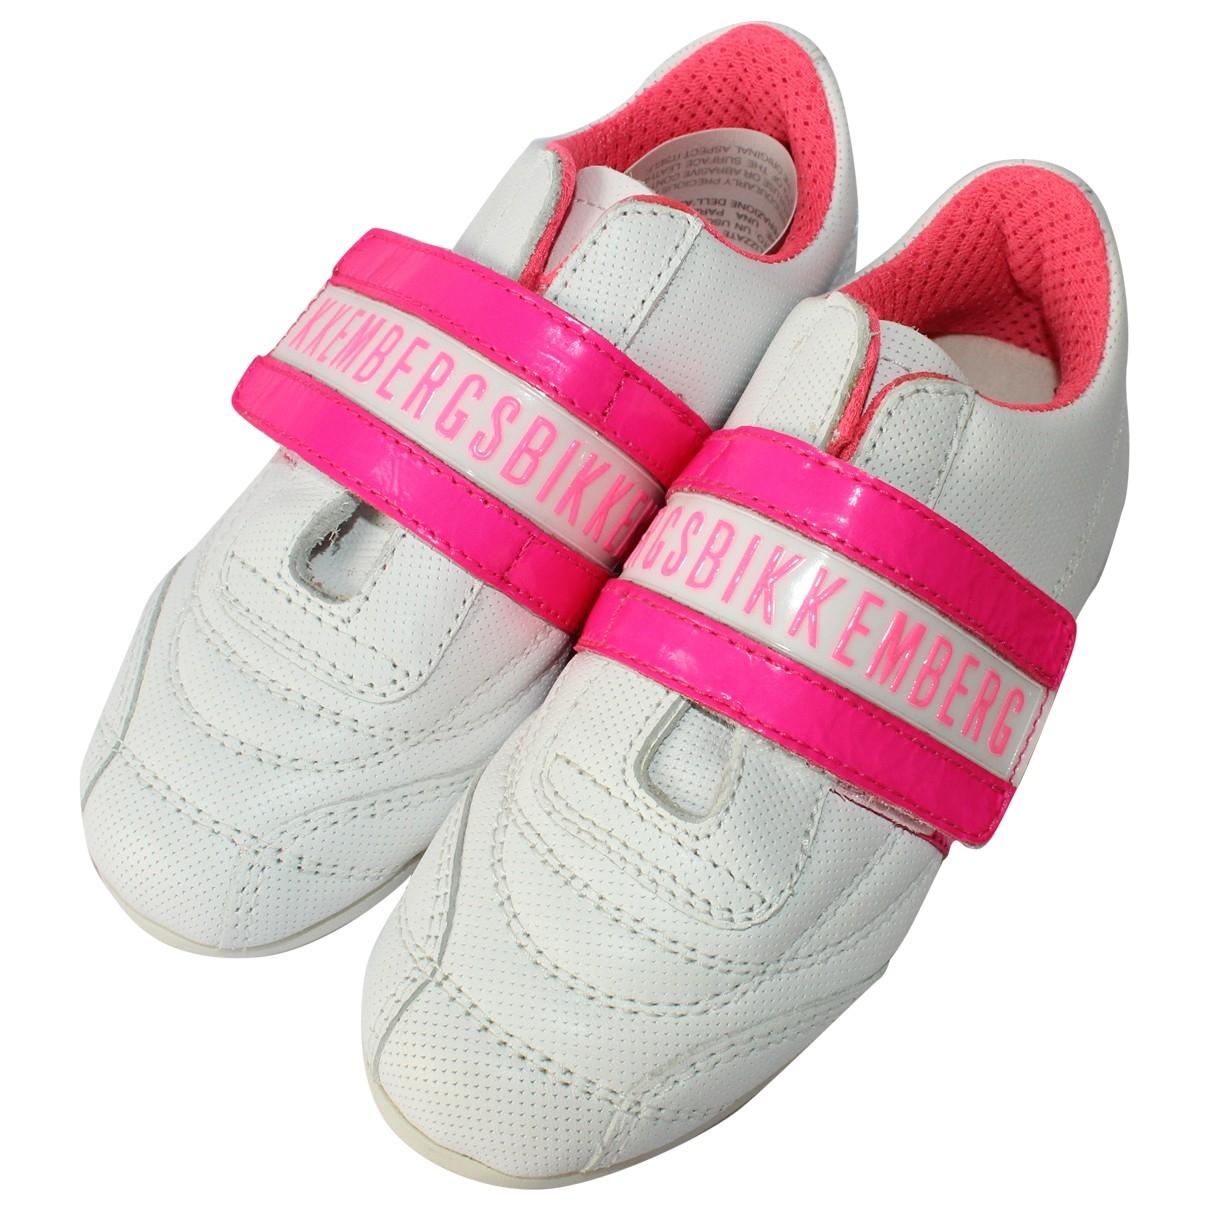 Dirk Bikkembergs \N Sneakers in  Weiss Leder